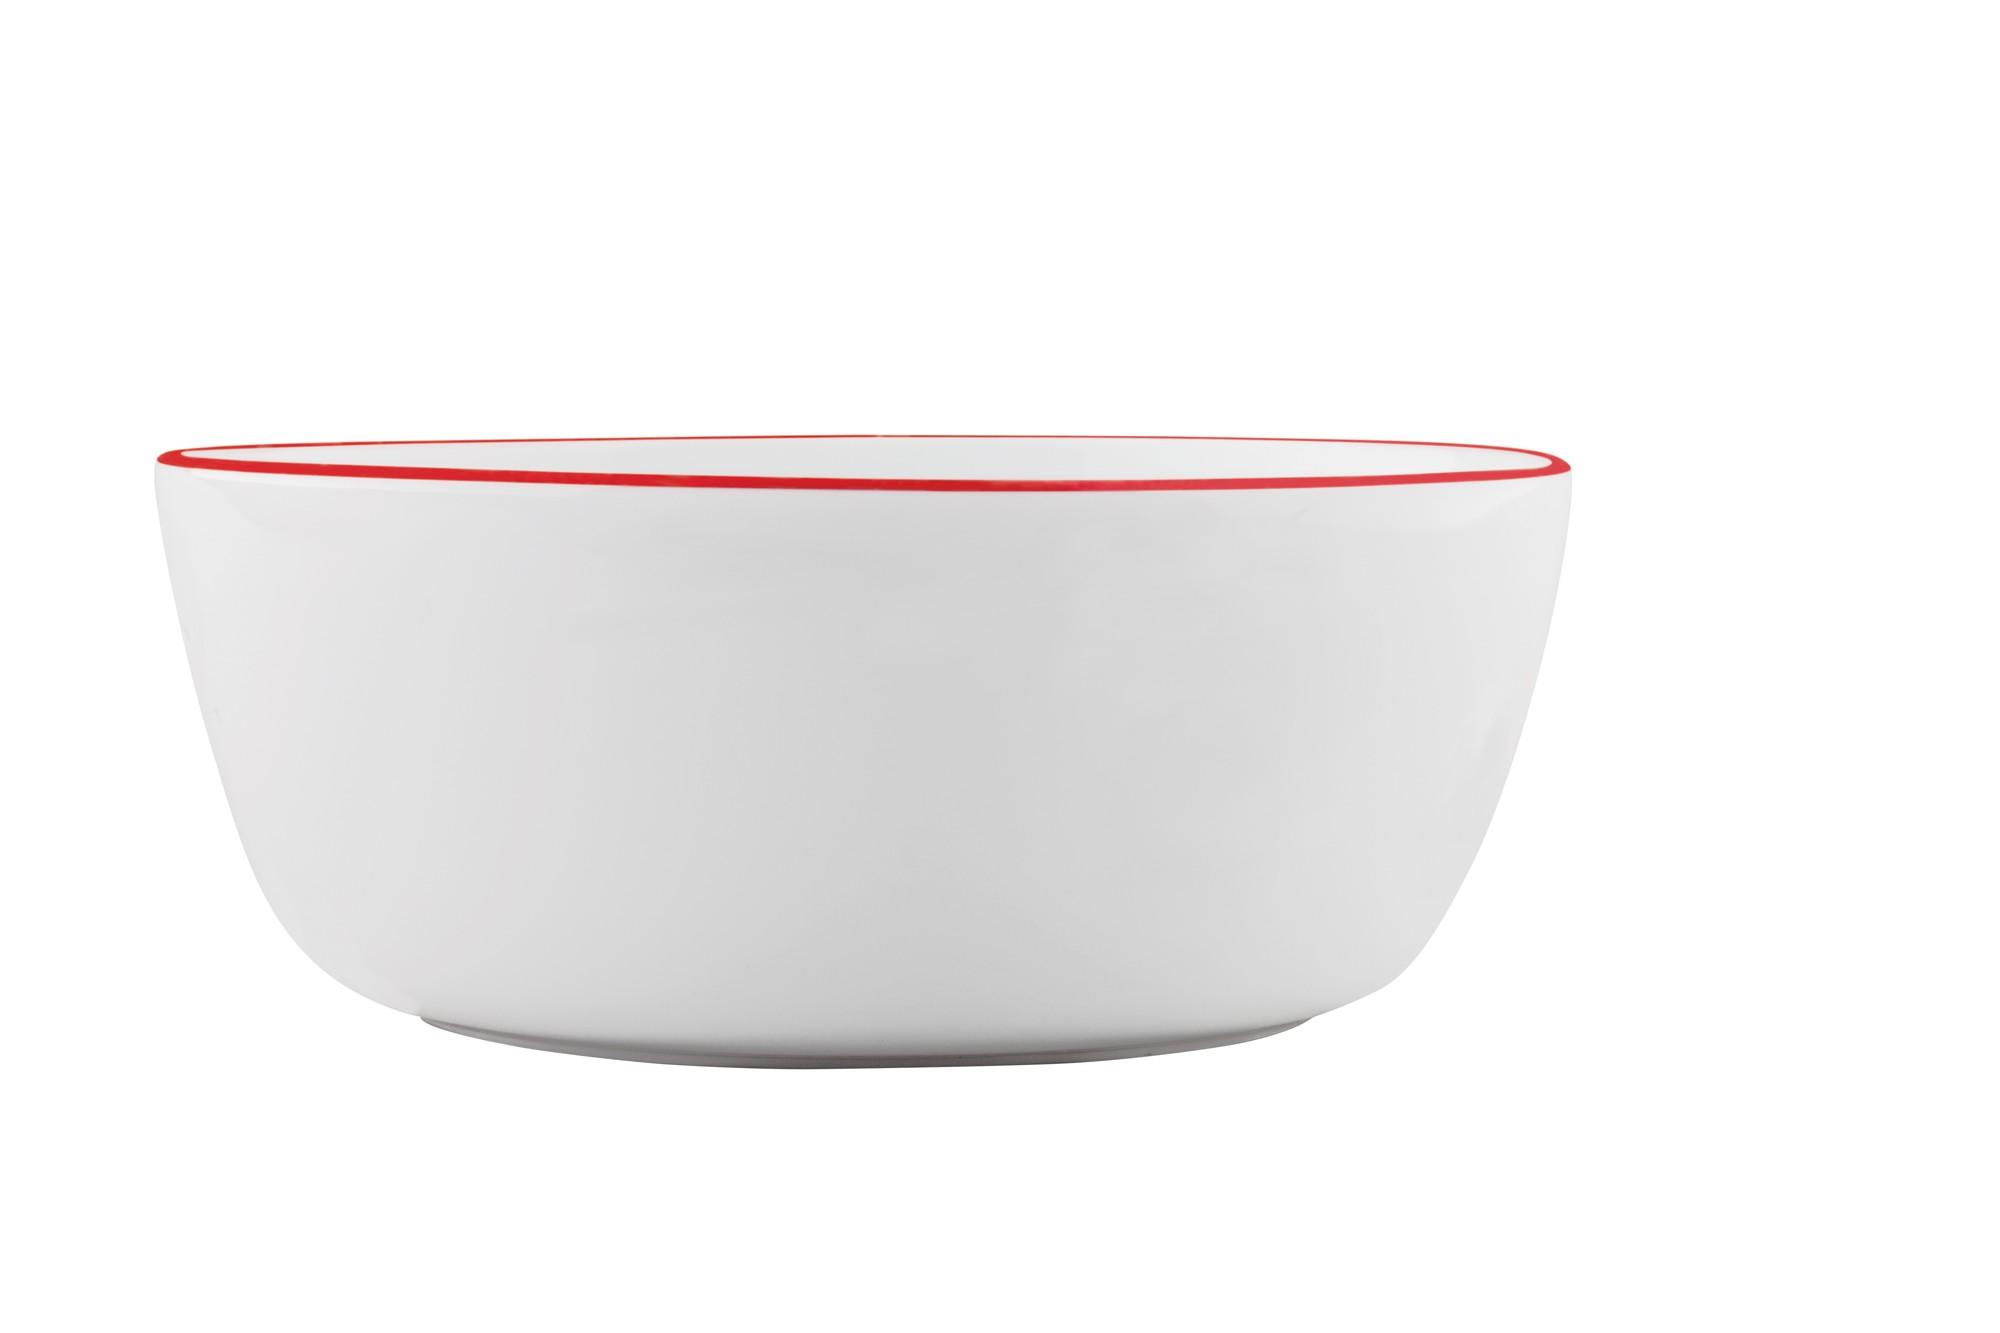 Μπολ Σαλάτας Symetry Red 24cm Ionia home   ειδη σερβιρισματος   μπολ   σαλατιέρες